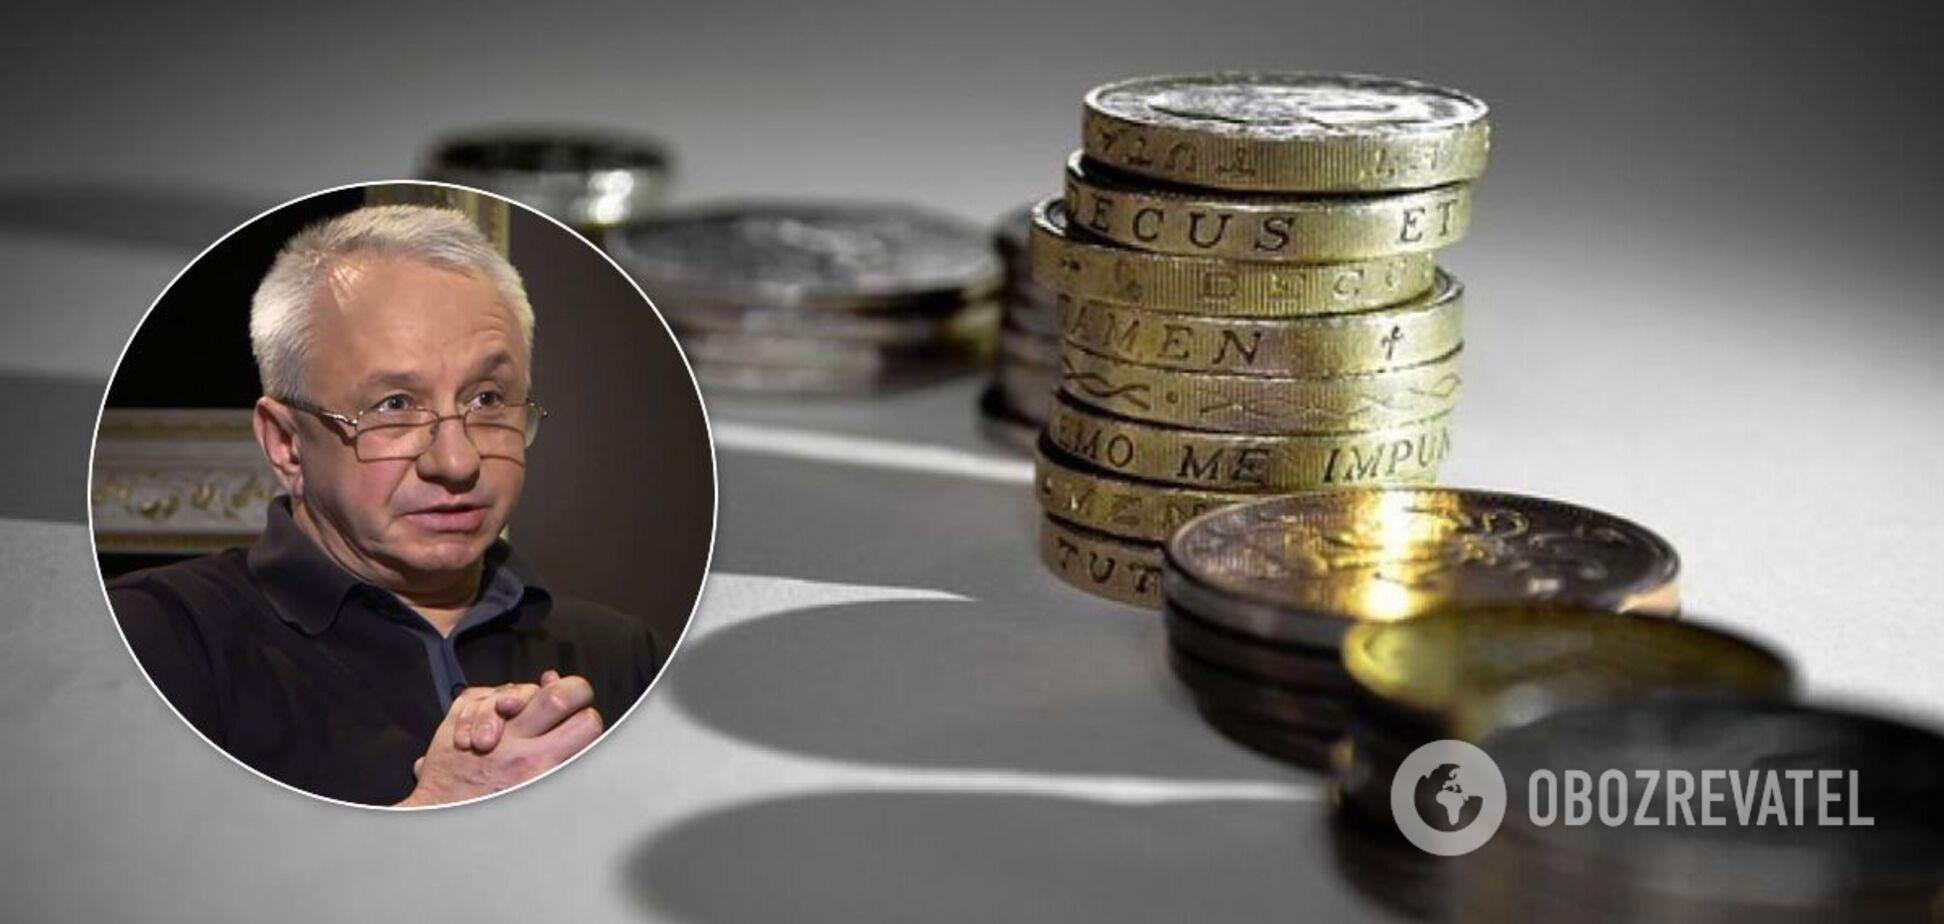 Олексій Кучеренко закликав владу підтримати малий бізнес, а не обкладати його надмірними податками. Джерело: Колаж